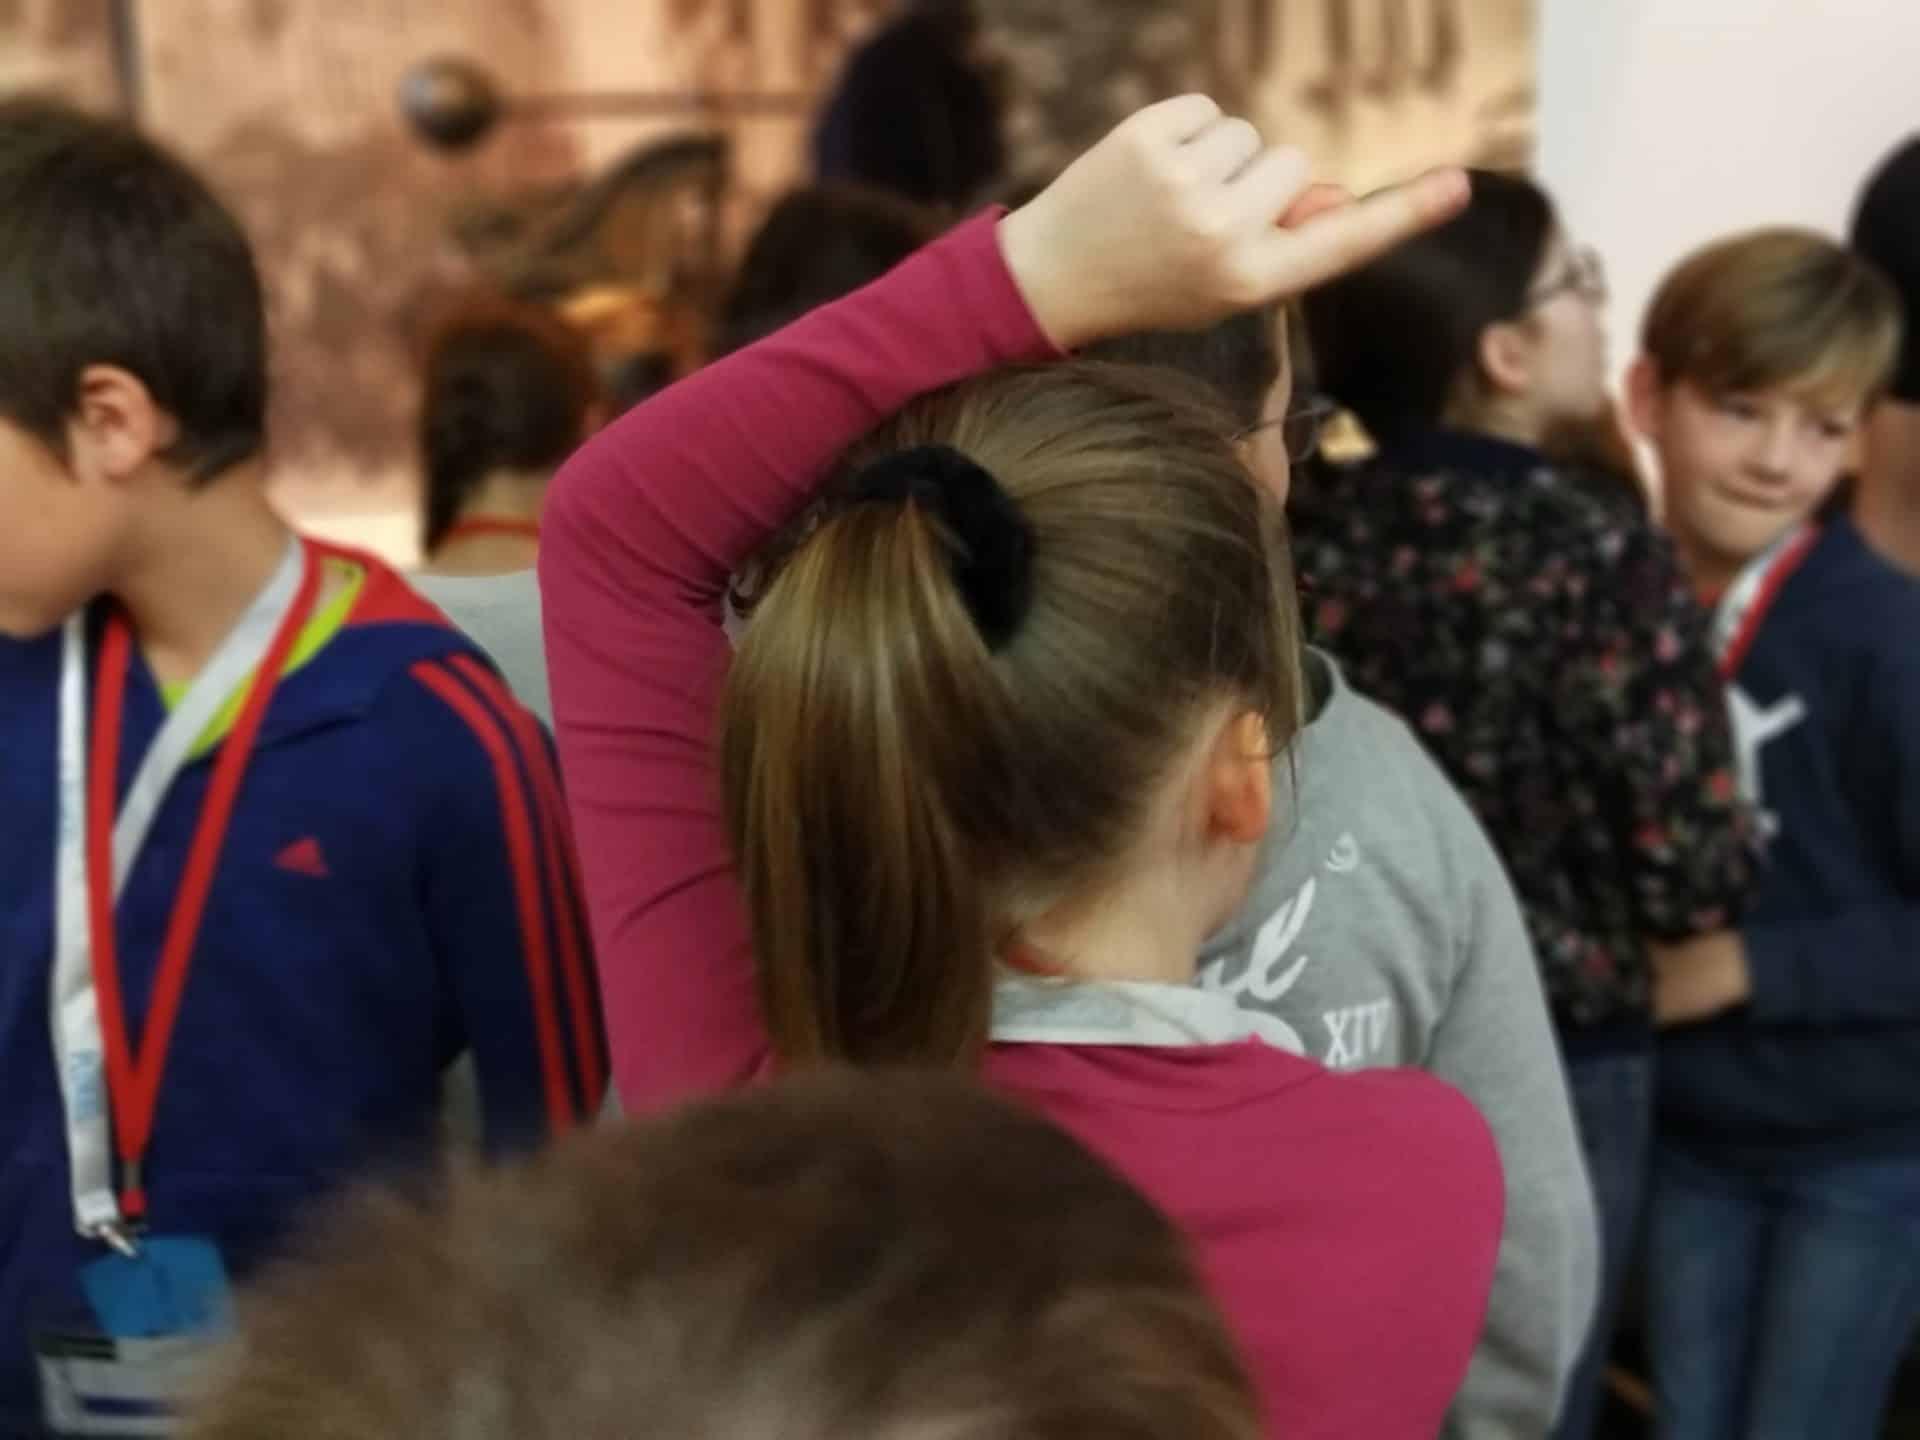 Photo - groupe d'enfants, une petite fille lève le doigt